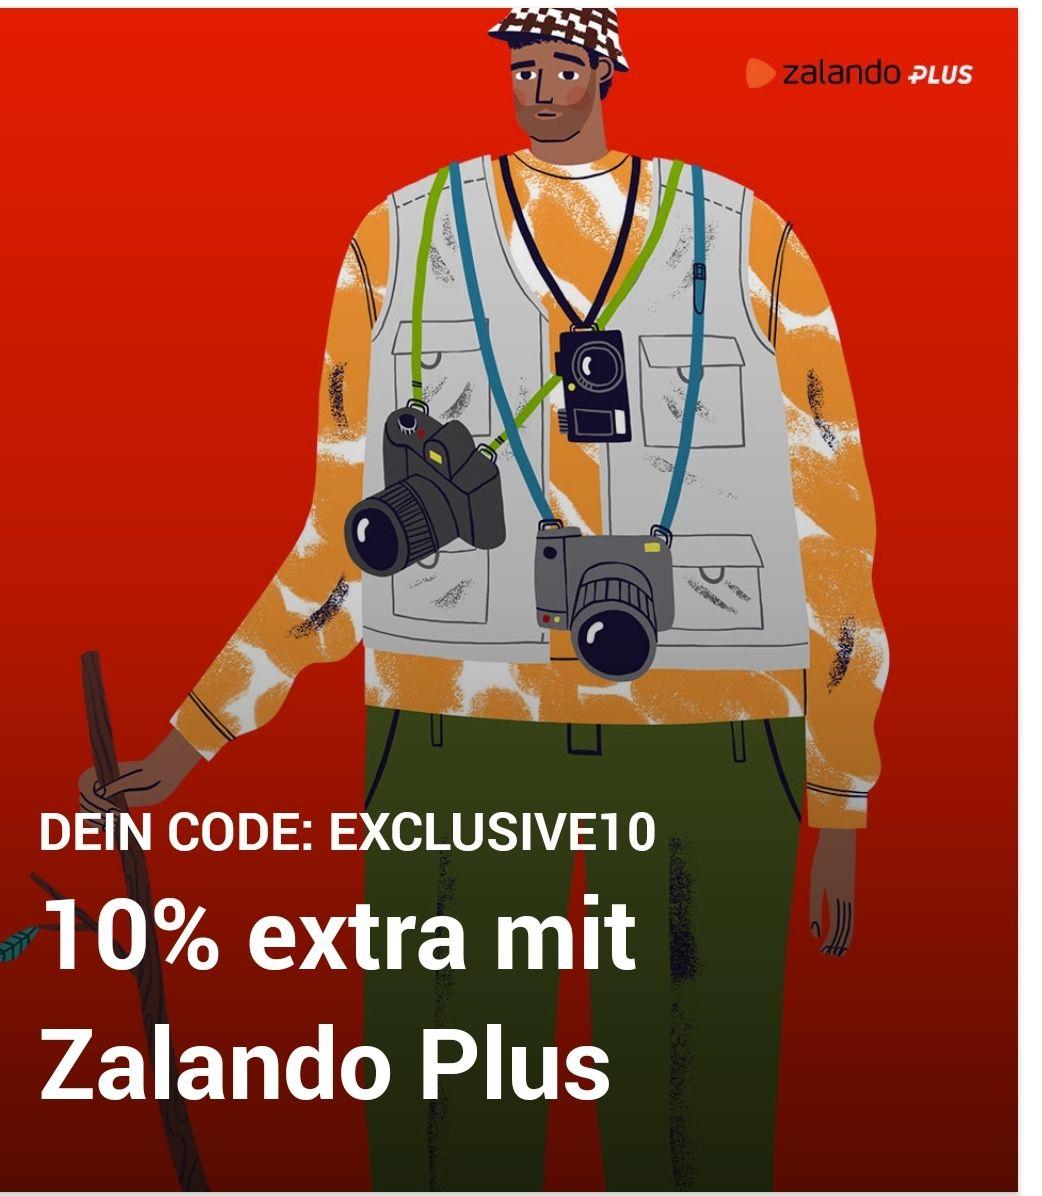 Gutscheinfehler Für Zalando Plus Kunden 10% auf alle reduzieren Artikel statt auf ausgewählte